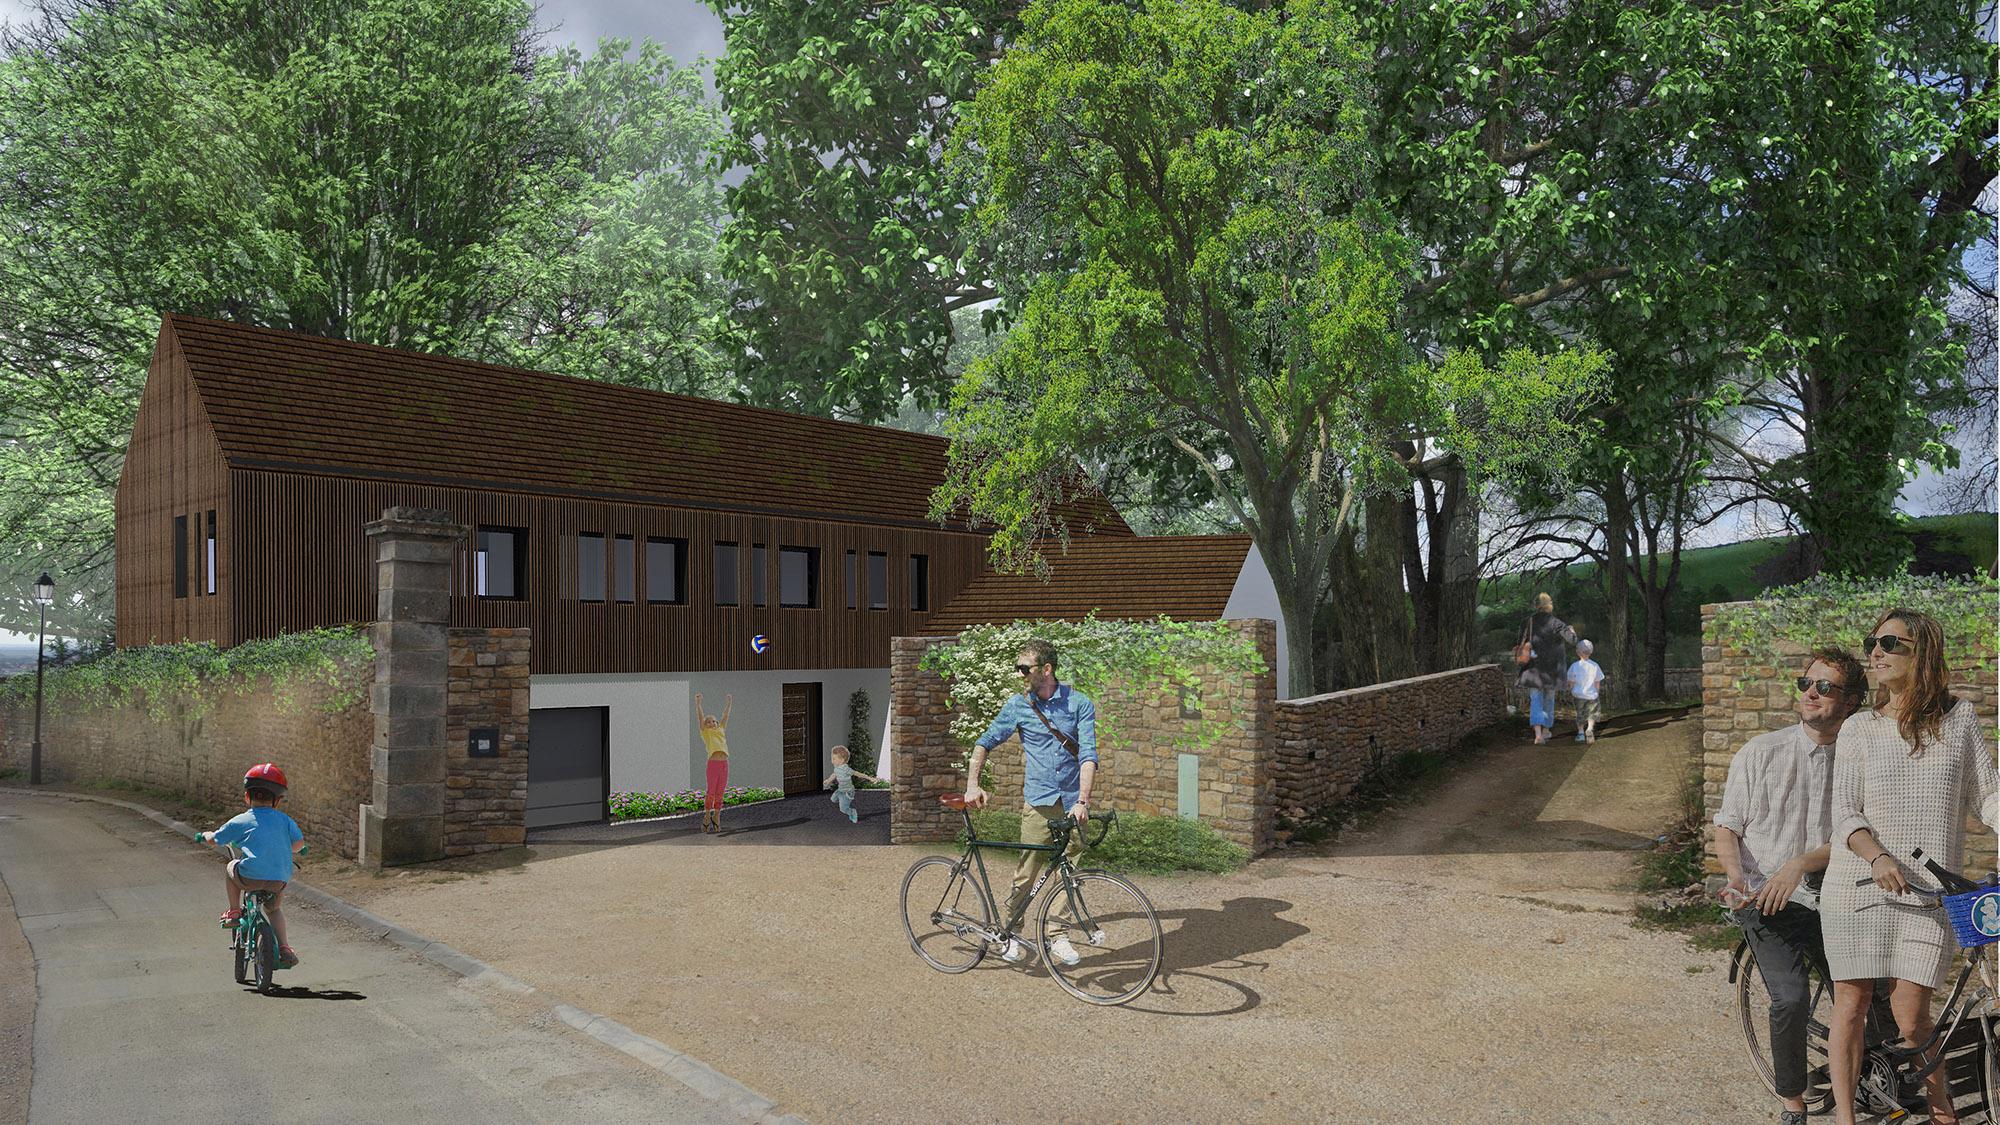 Chouette-architecture-villa-Fixin-2000